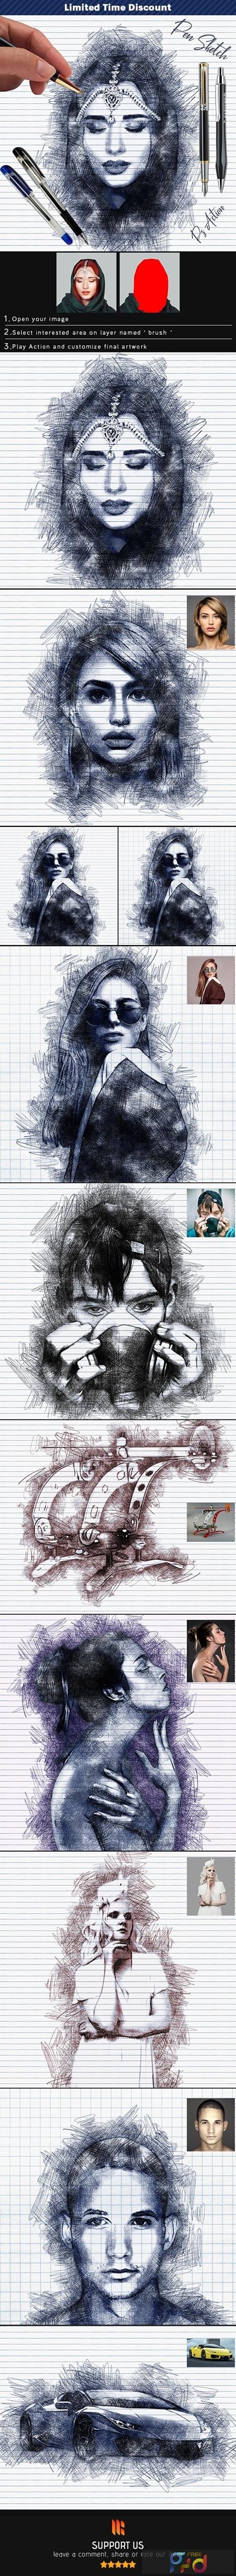 Pen Sketch Photoshop Action 25774811 1